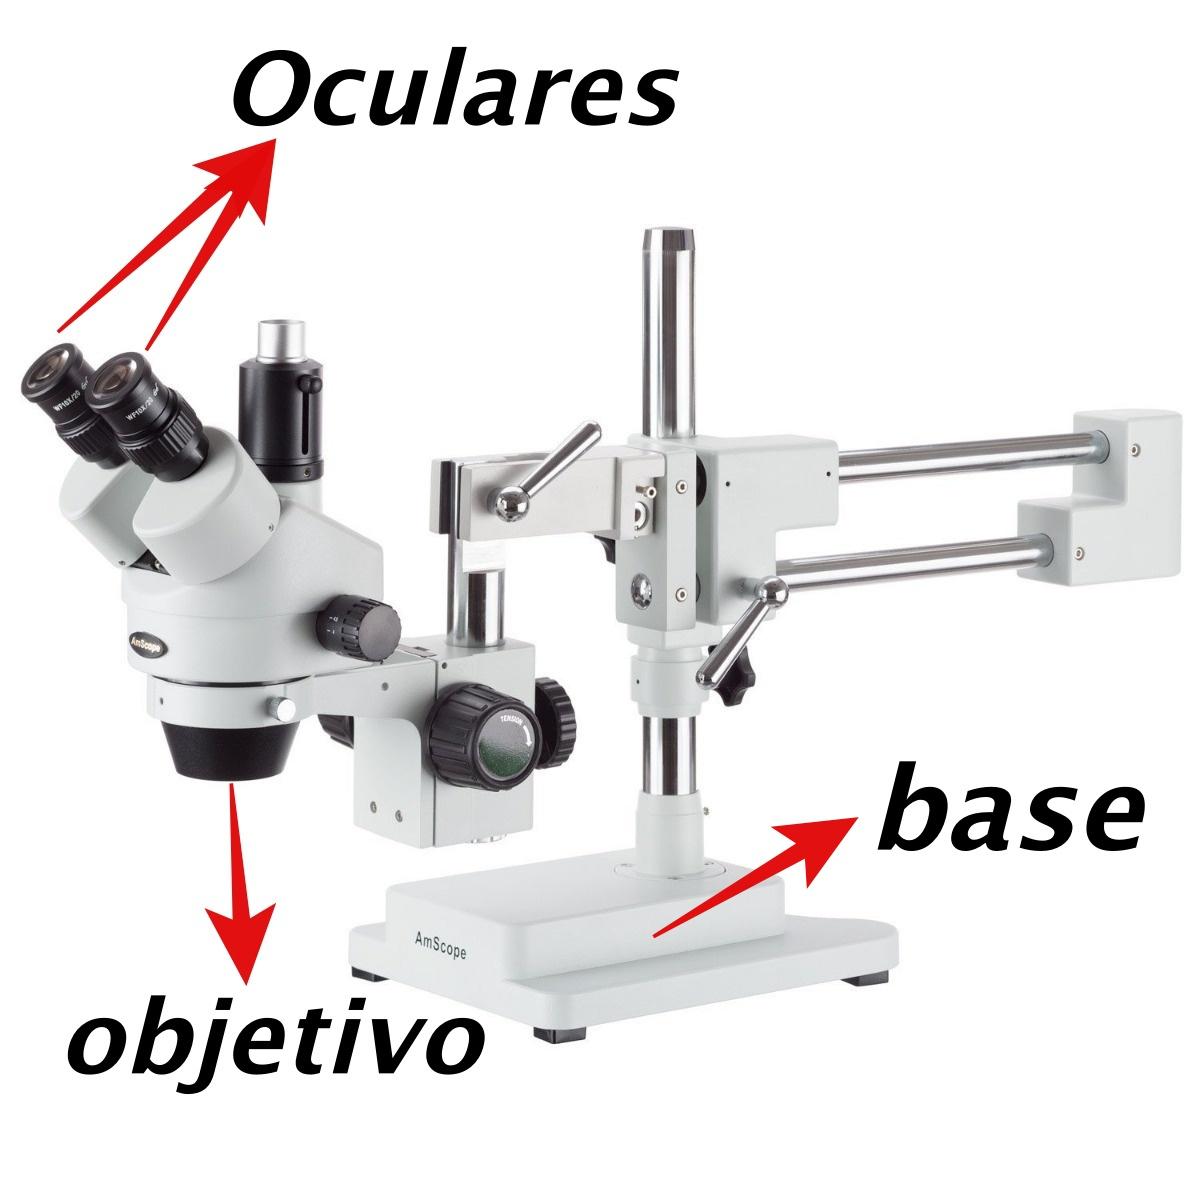 Principales componentes de un microscopio